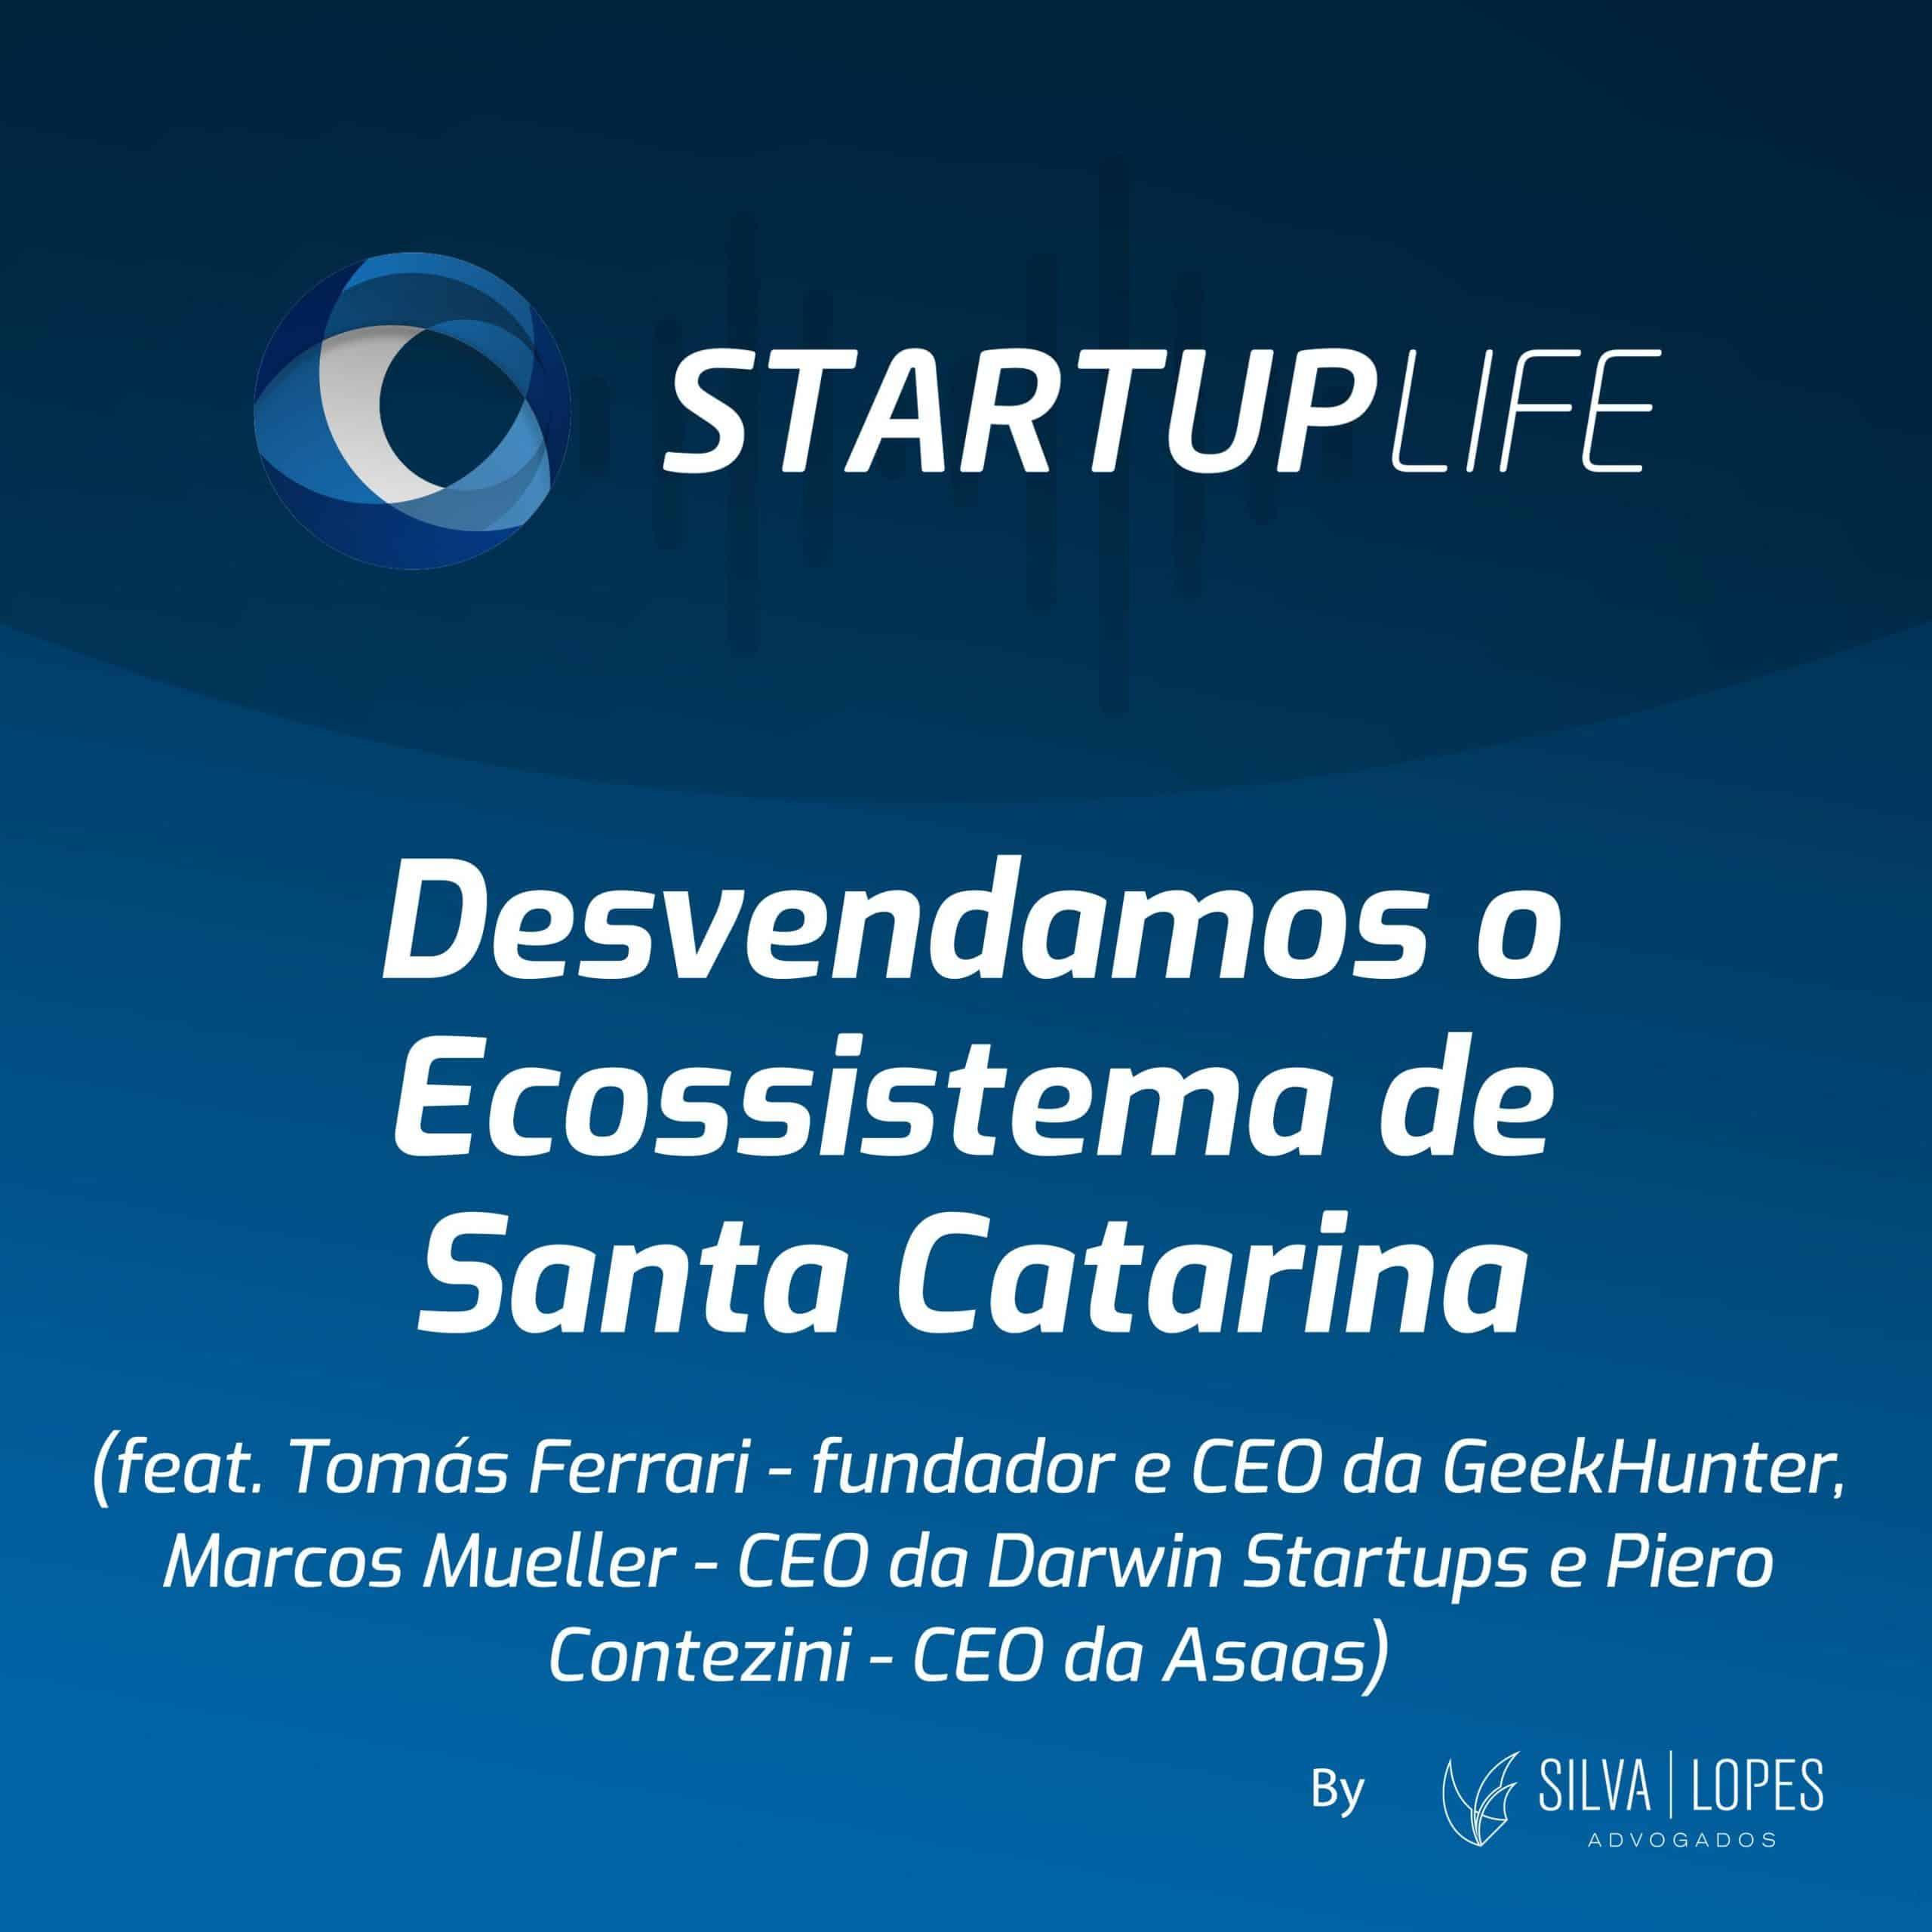 Desvendamos o Ecossistema de Santa Catarina